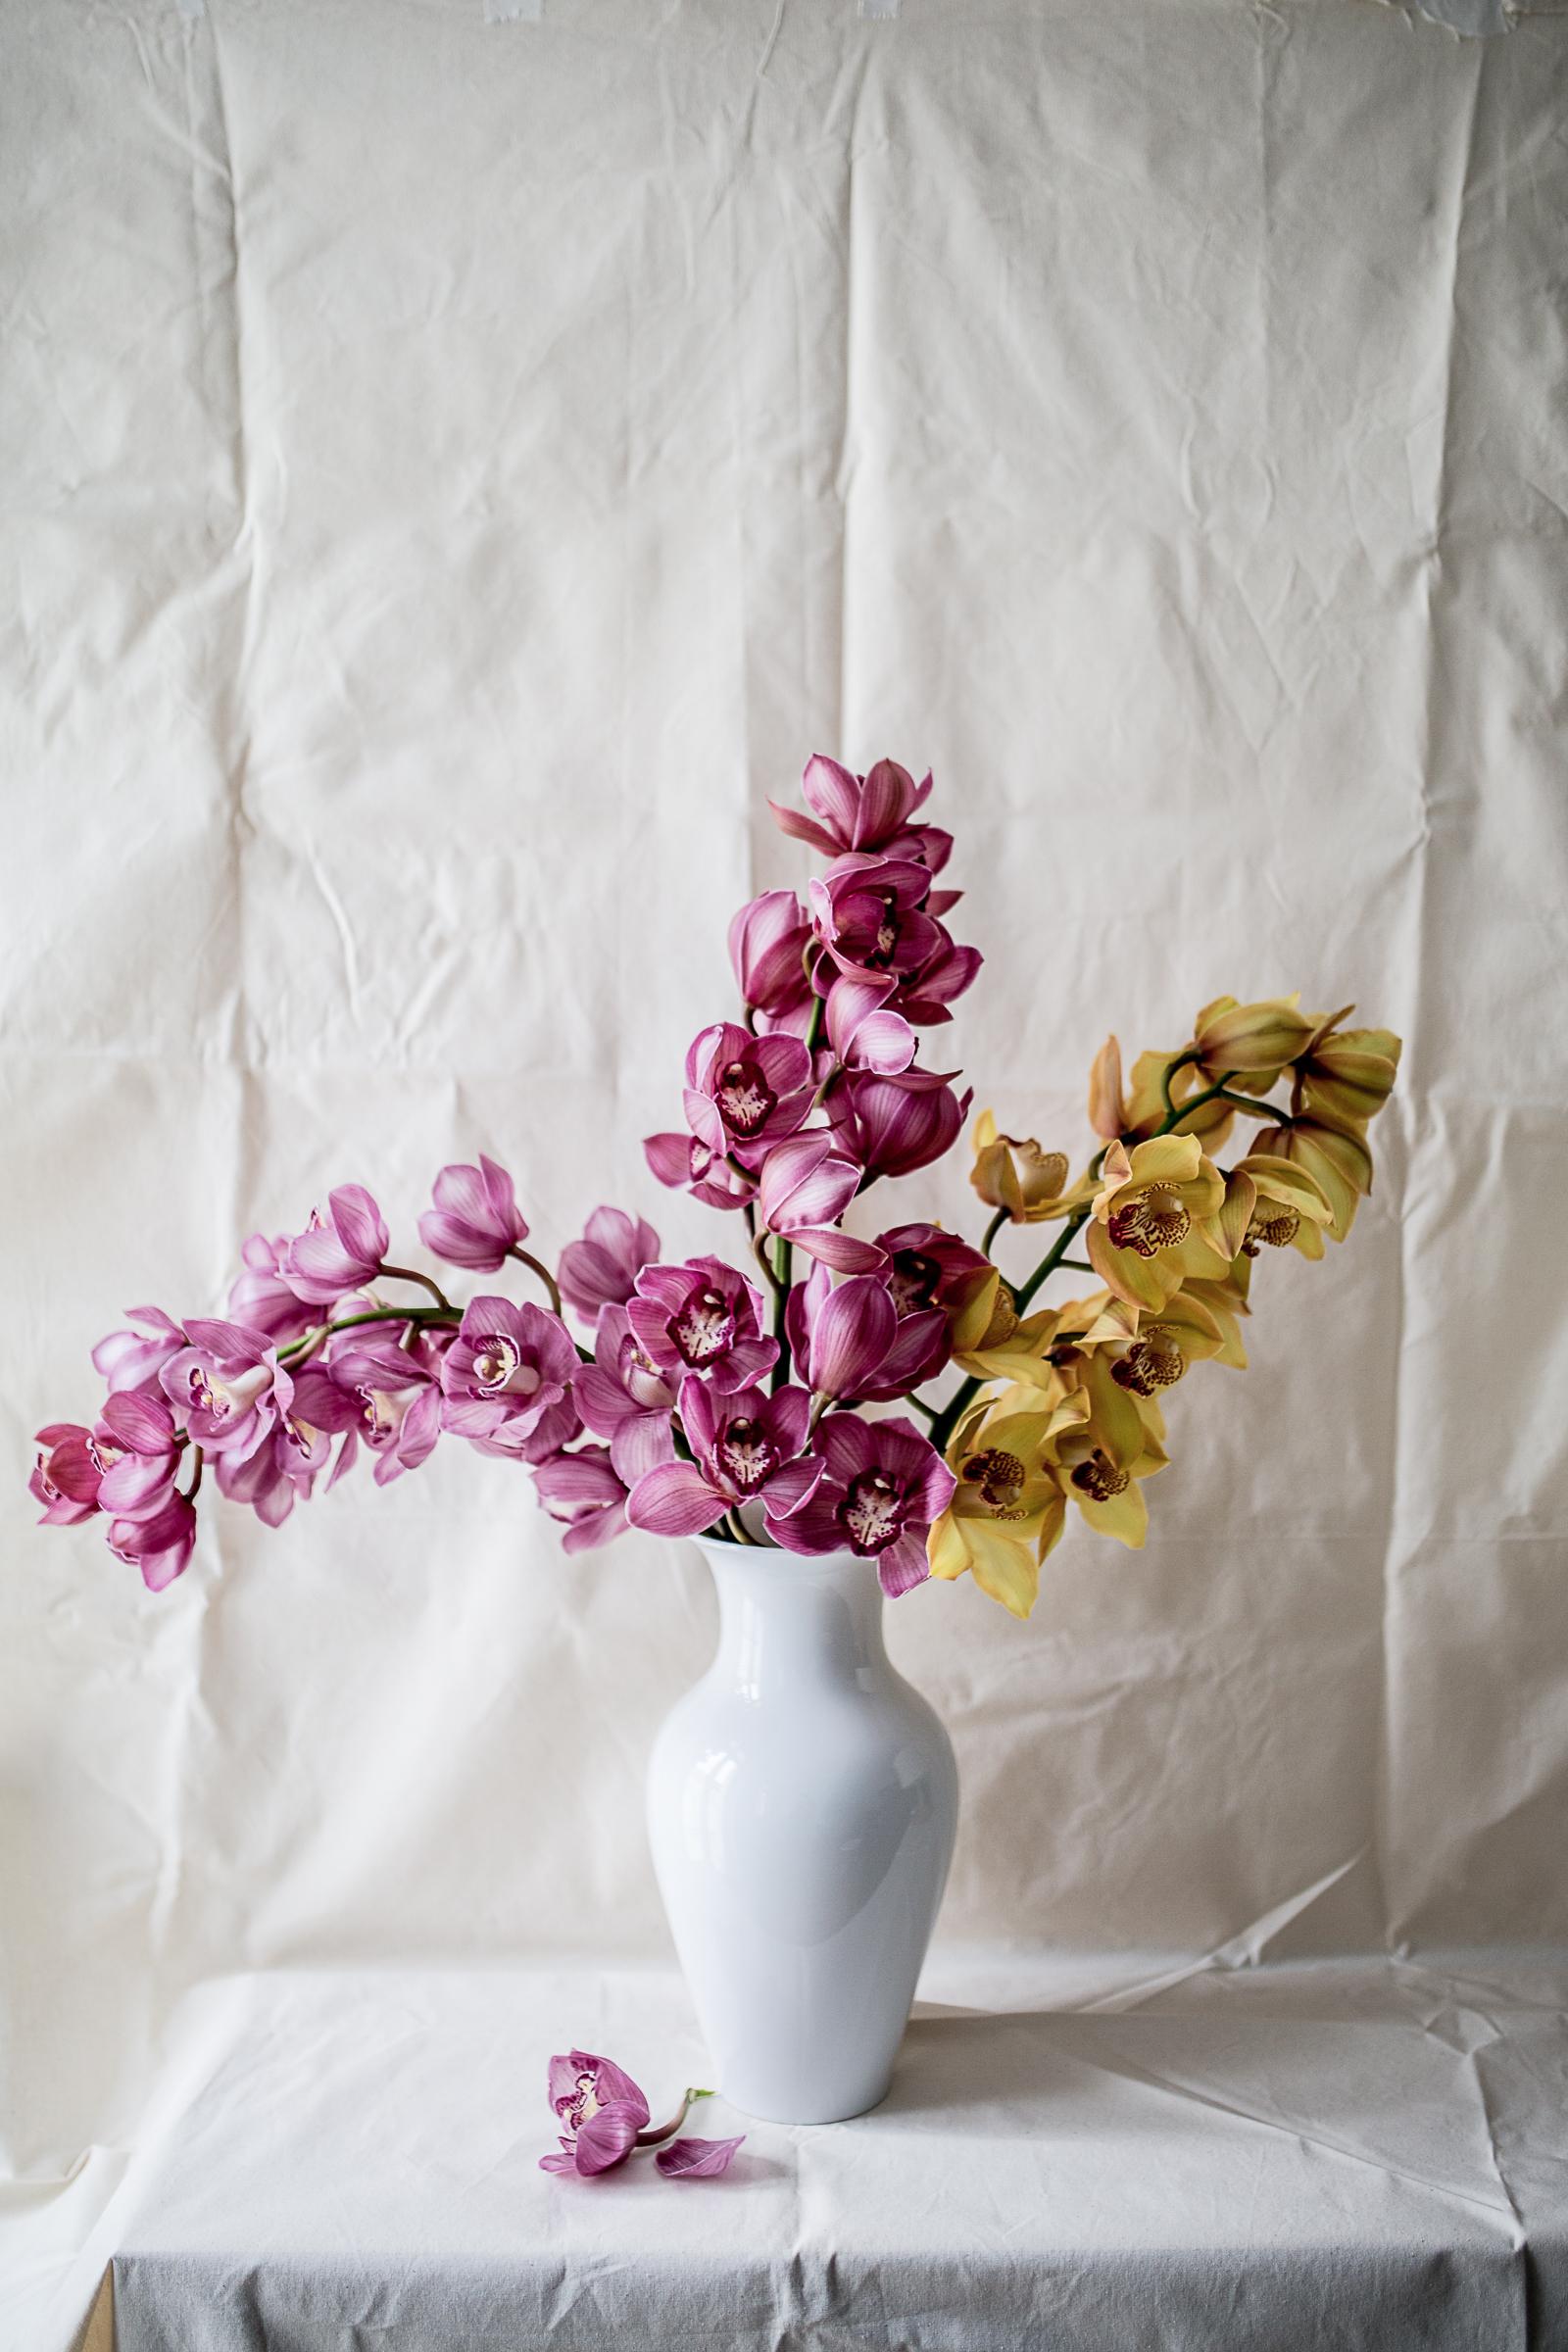 KPM Vasen -Chinesische Vase